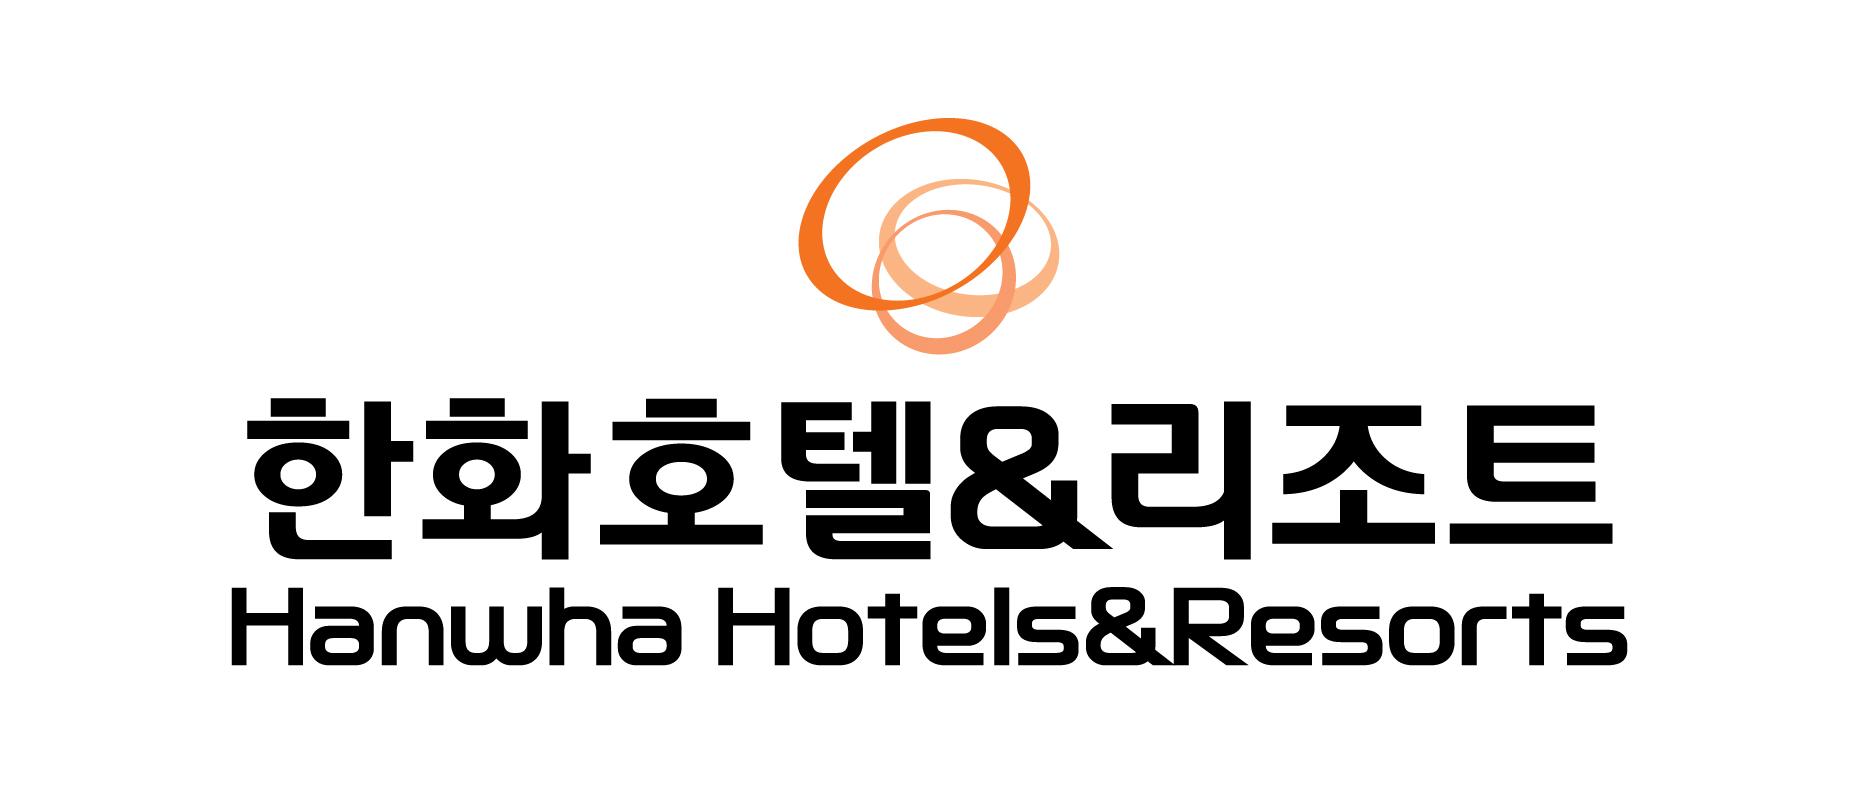 한화의 계열사 한화호텔앤드리조트(주)의 로고